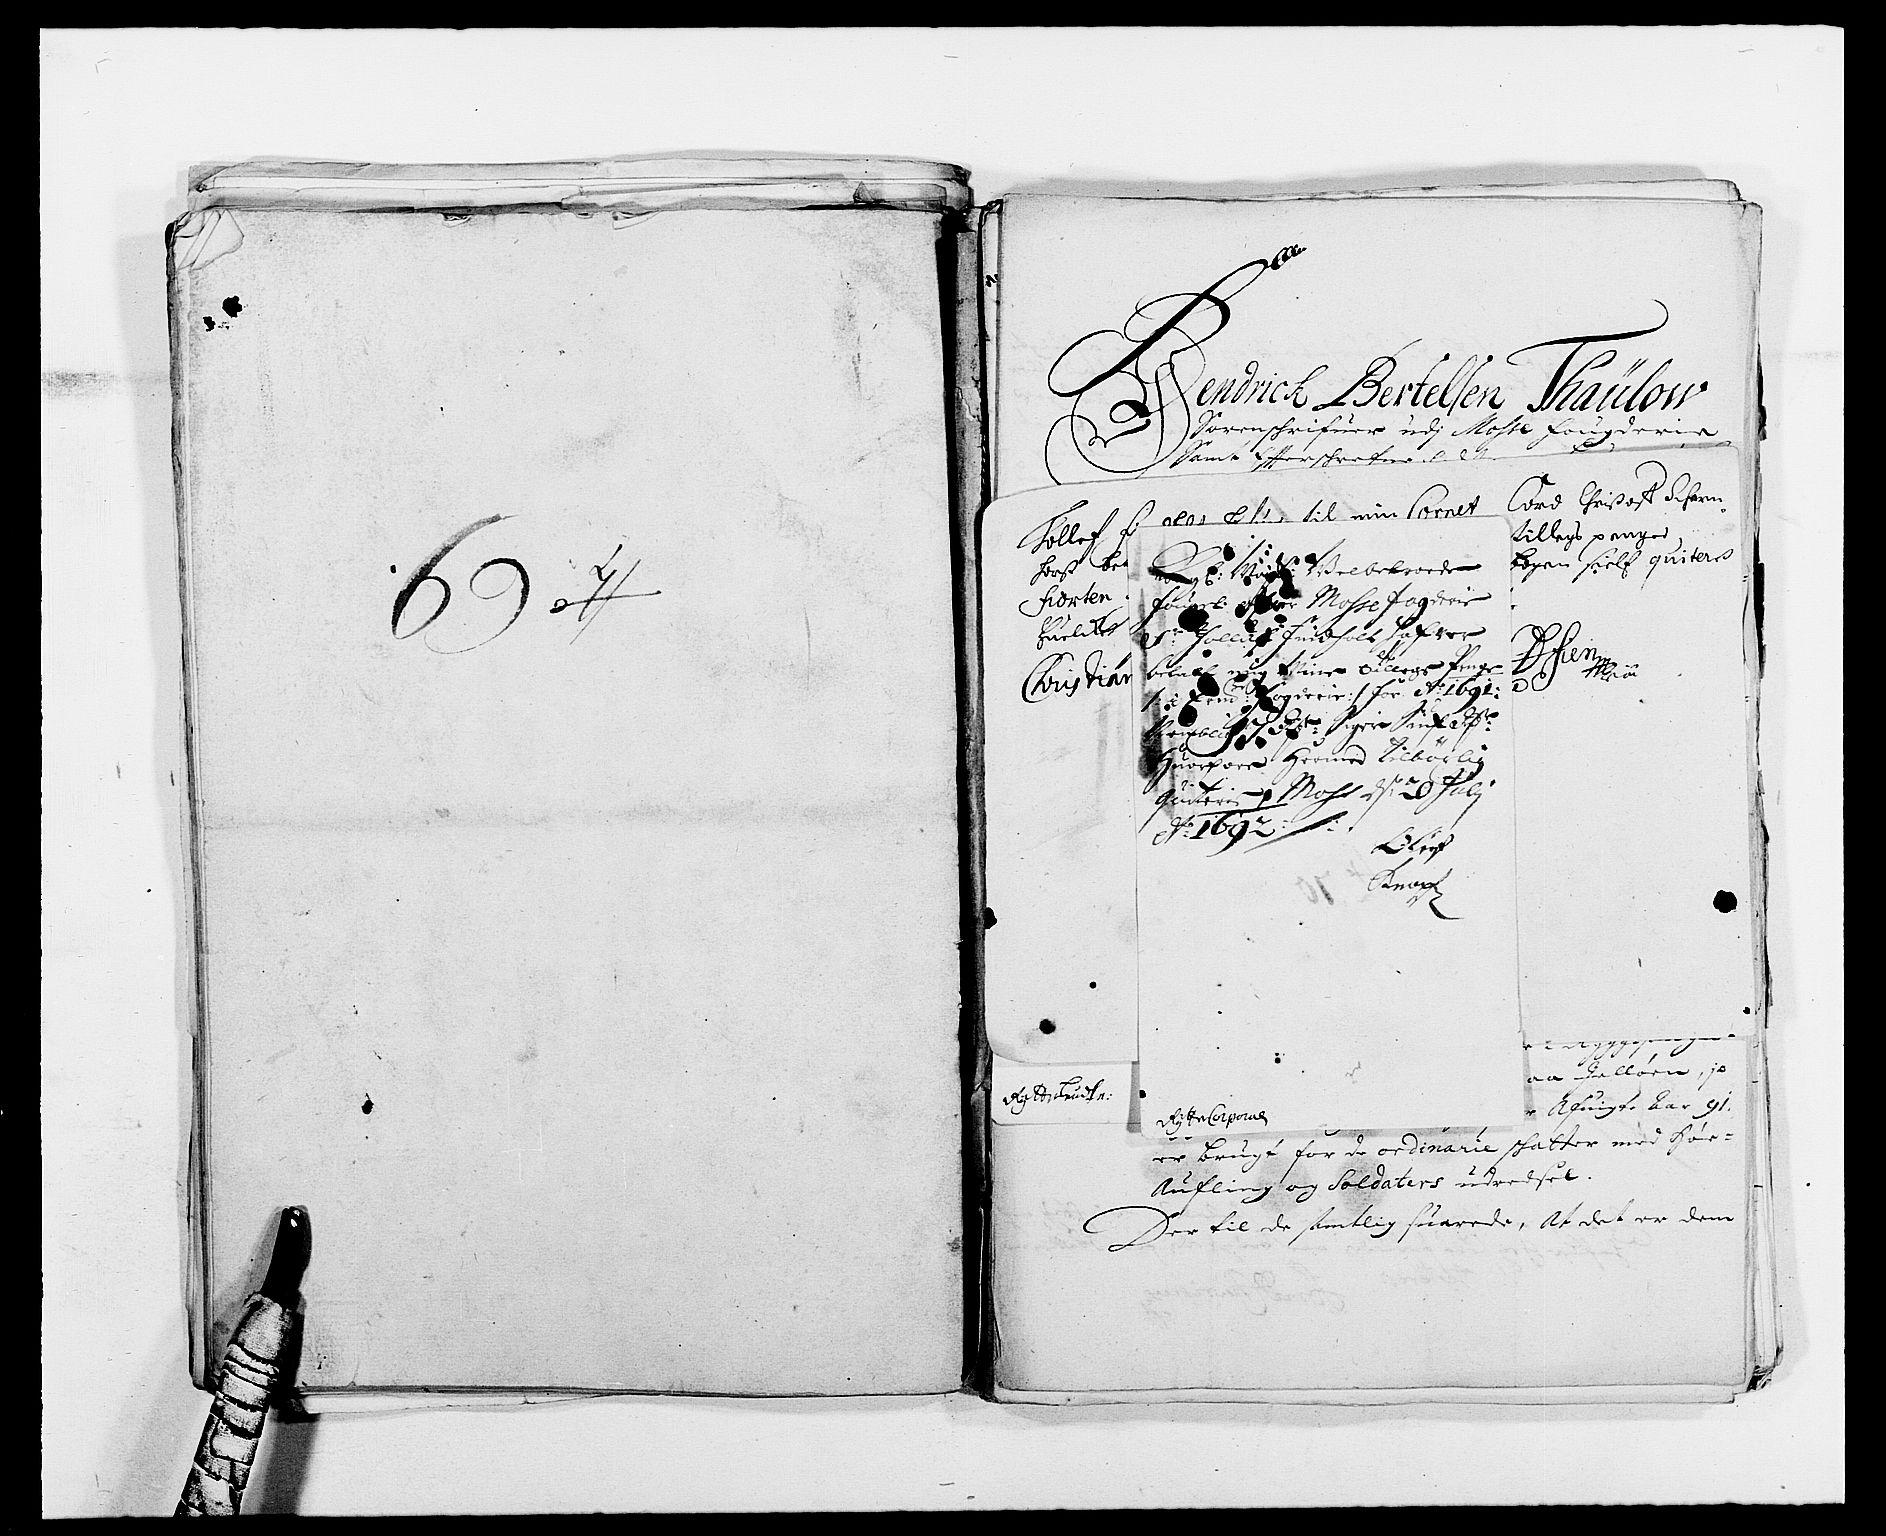 RA, Rentekammeret inntil 1814, Reviderte regnskaper, Fogderegnskap, R02/L0107: Fogderegnskap Moss og Verne kloster, 1685-1691, s. 345